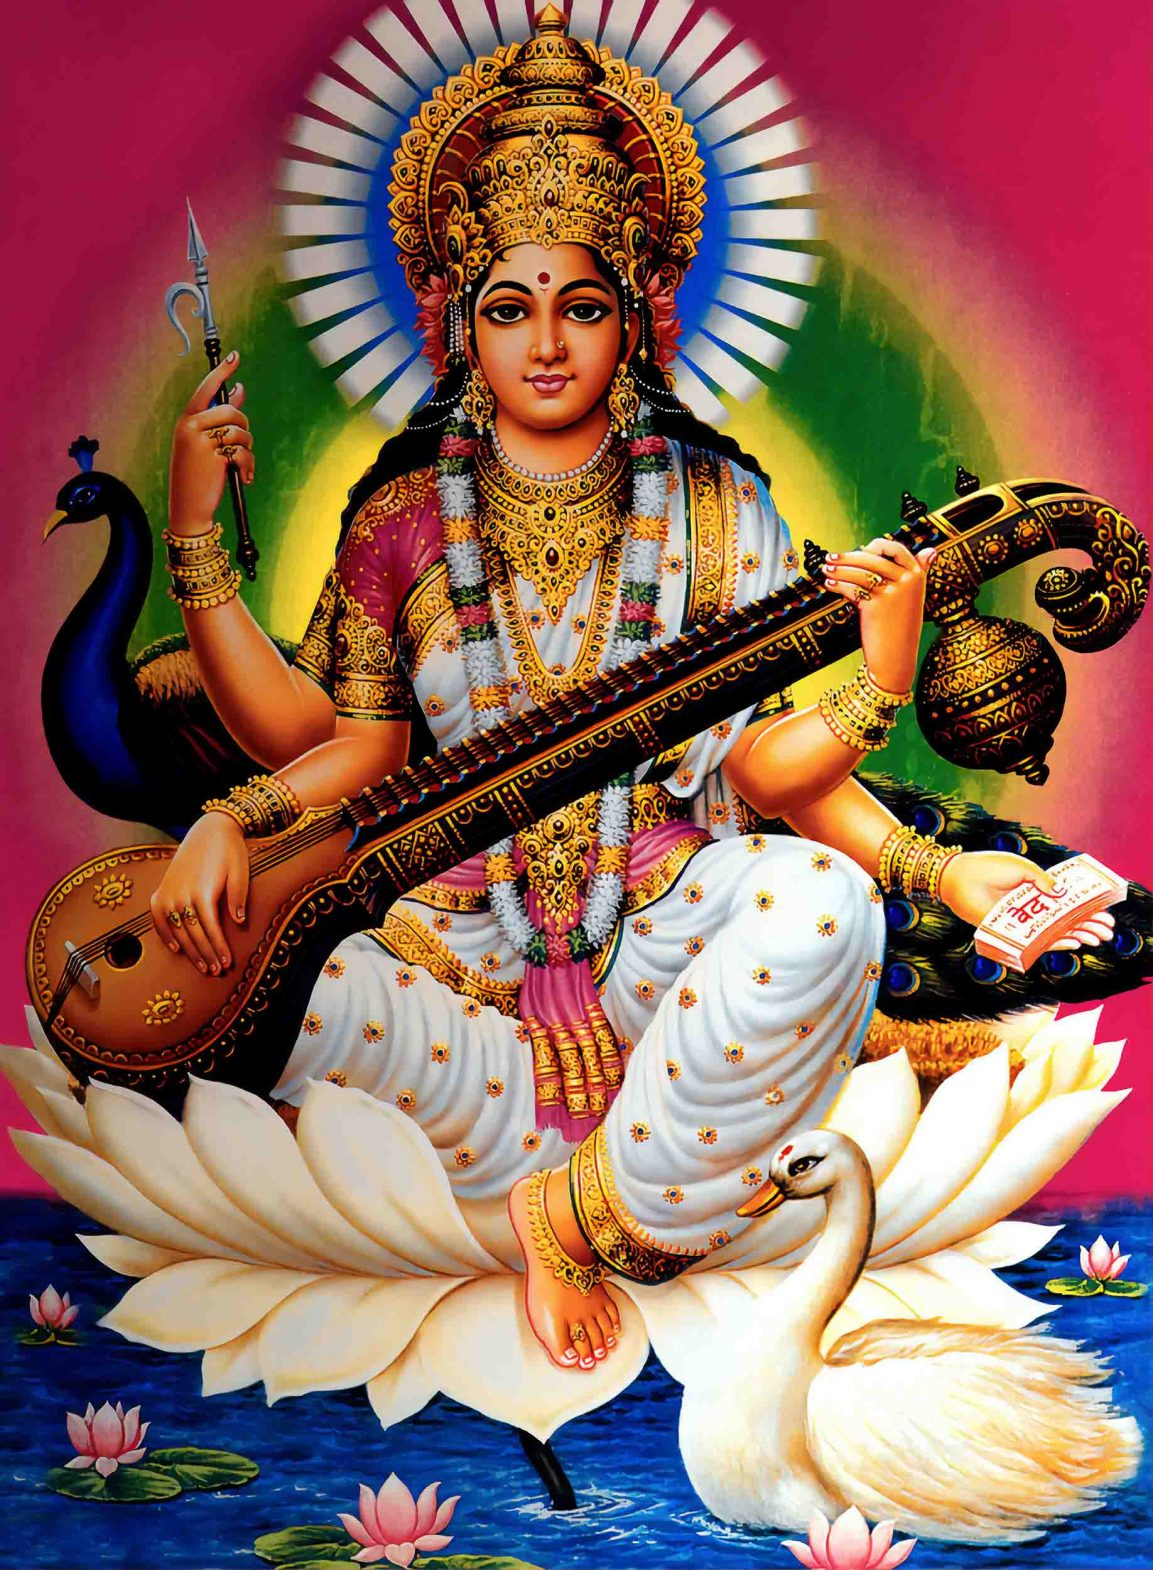 An illustration of Hindu goddess Saraswati, often depicted holding a veena.